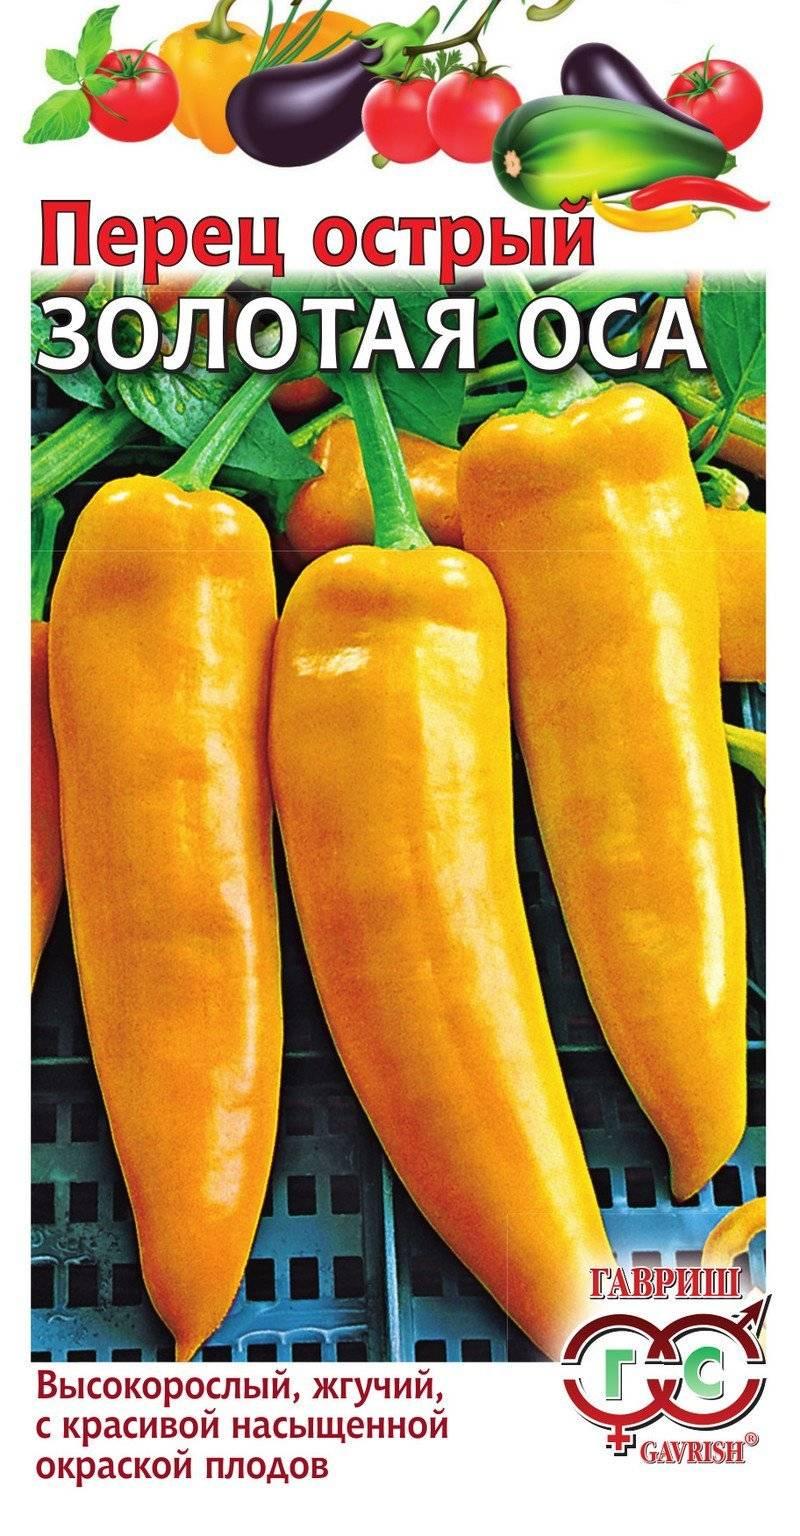 Компактные, насыщенно-рыжие перцы лисичка f1: характеристика и описание сорта